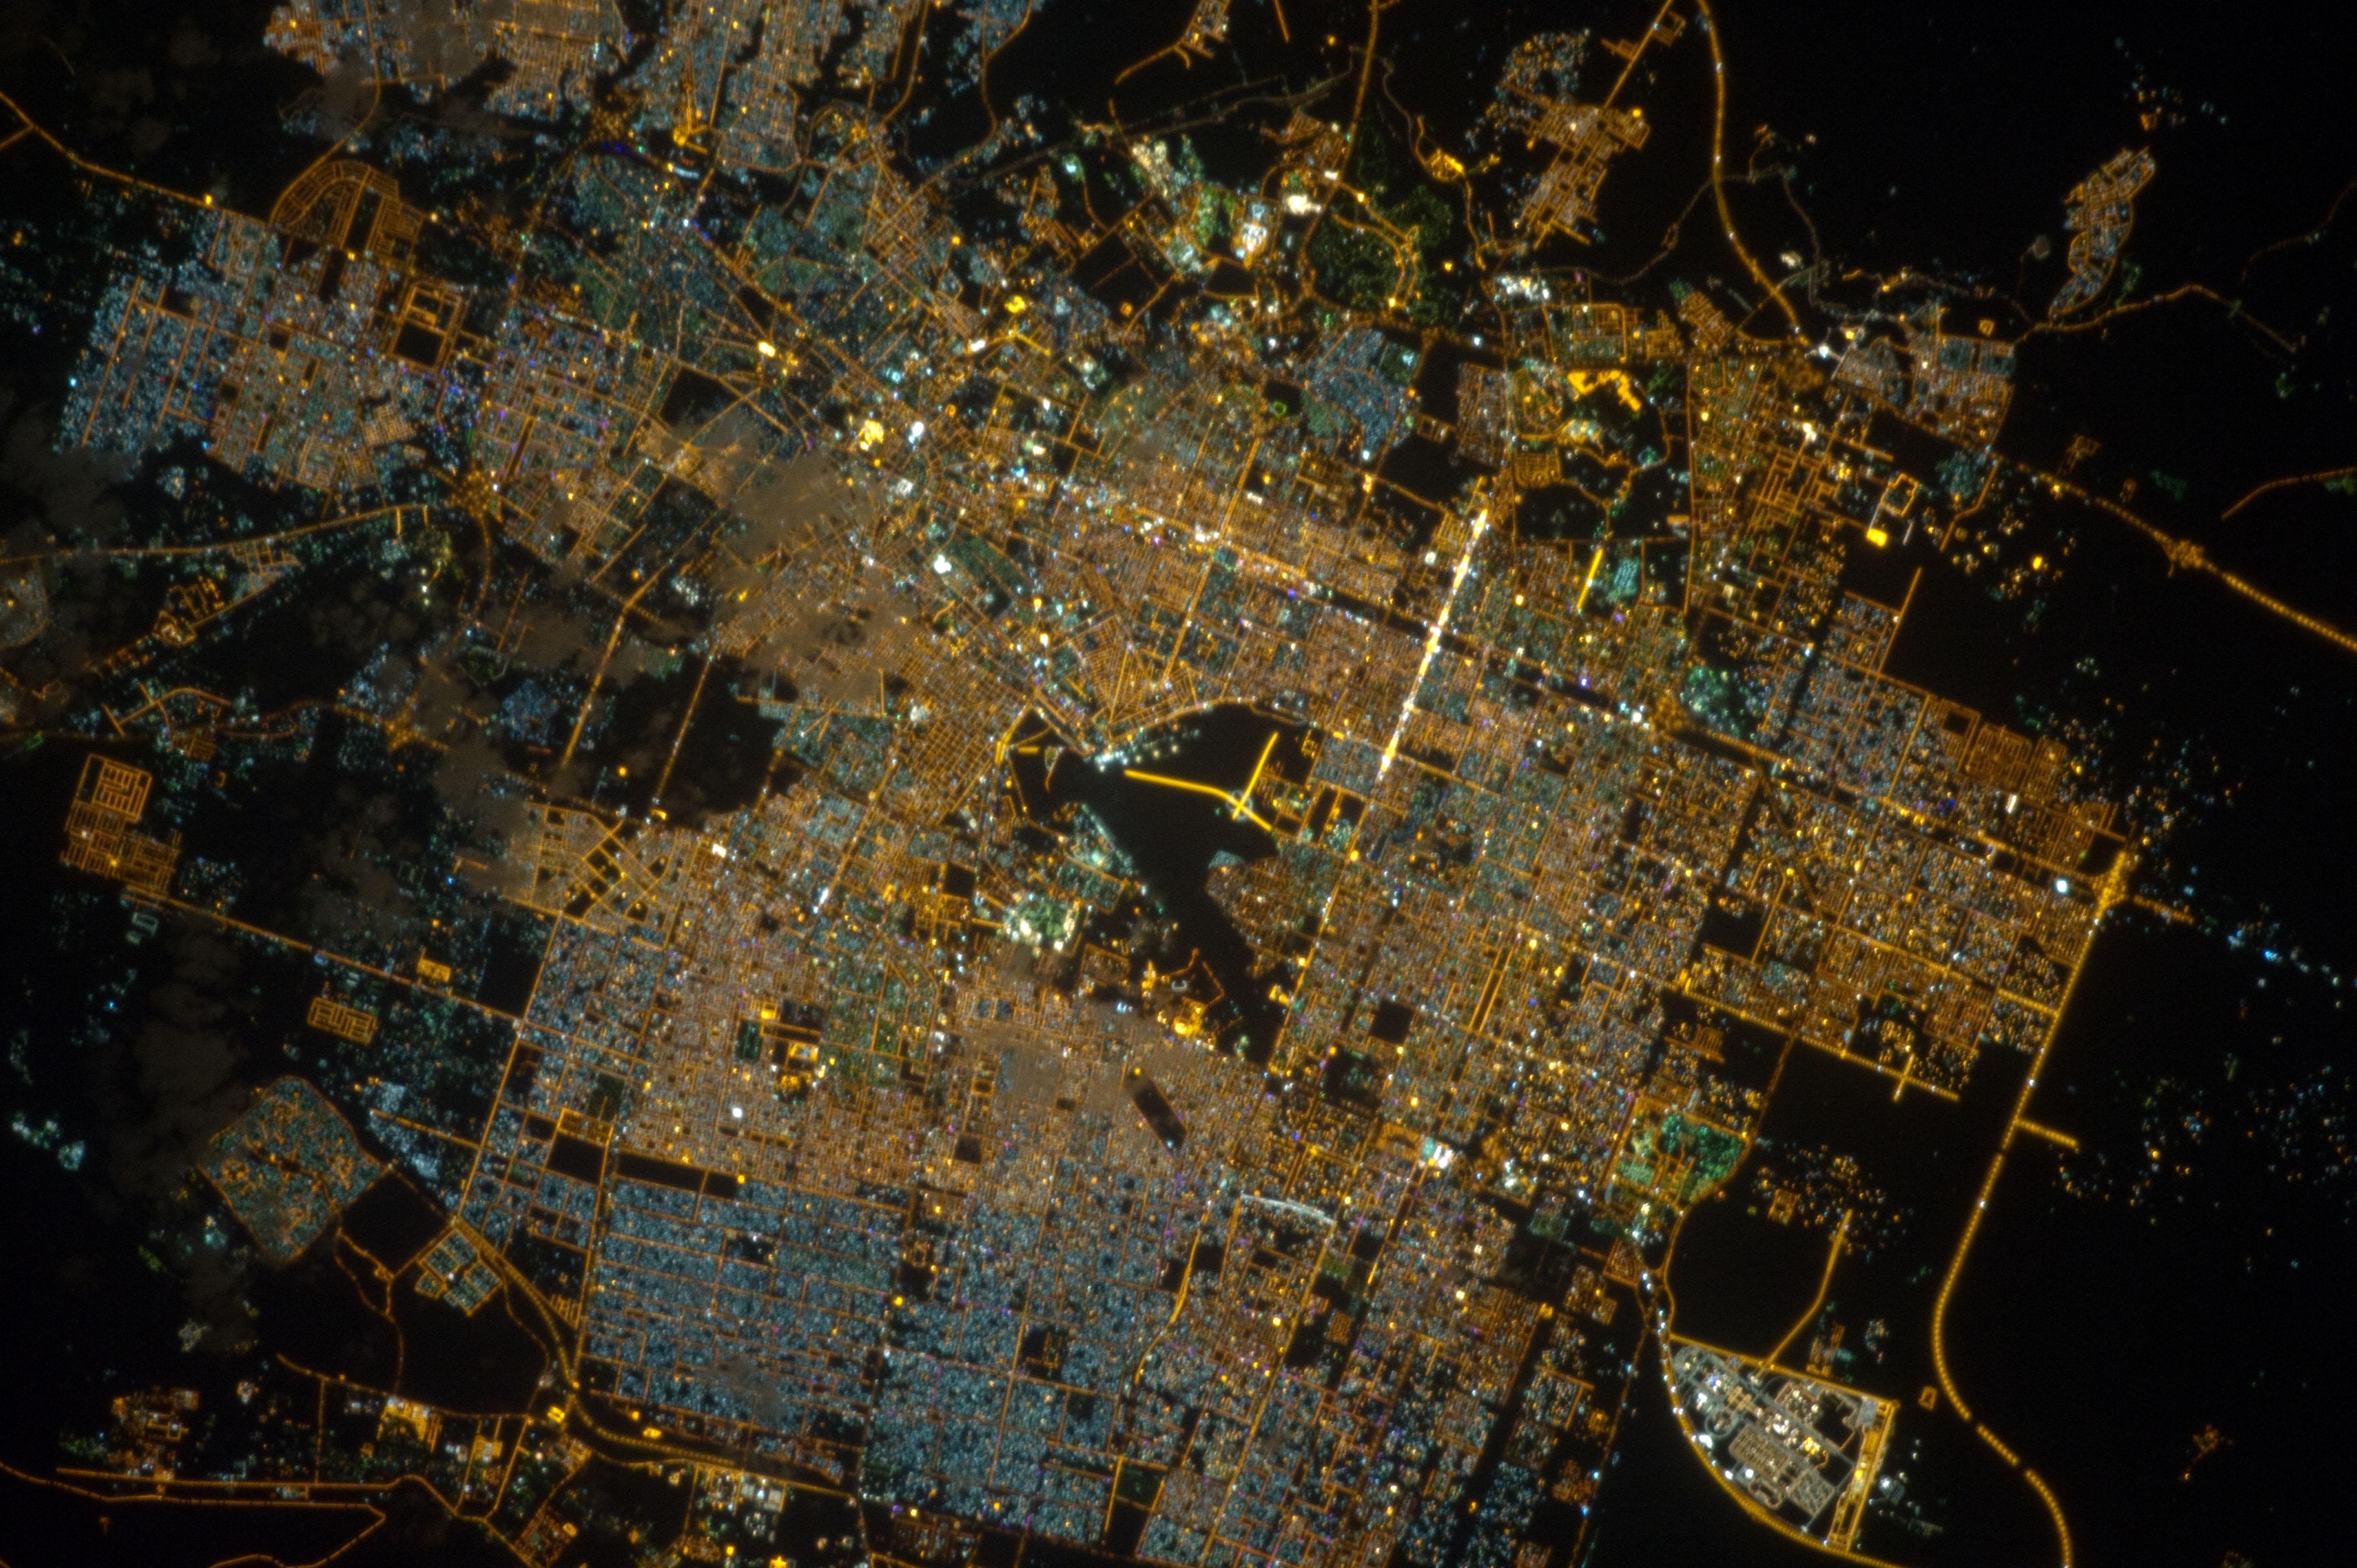 NASA - Riyadh, Saudi Arabia